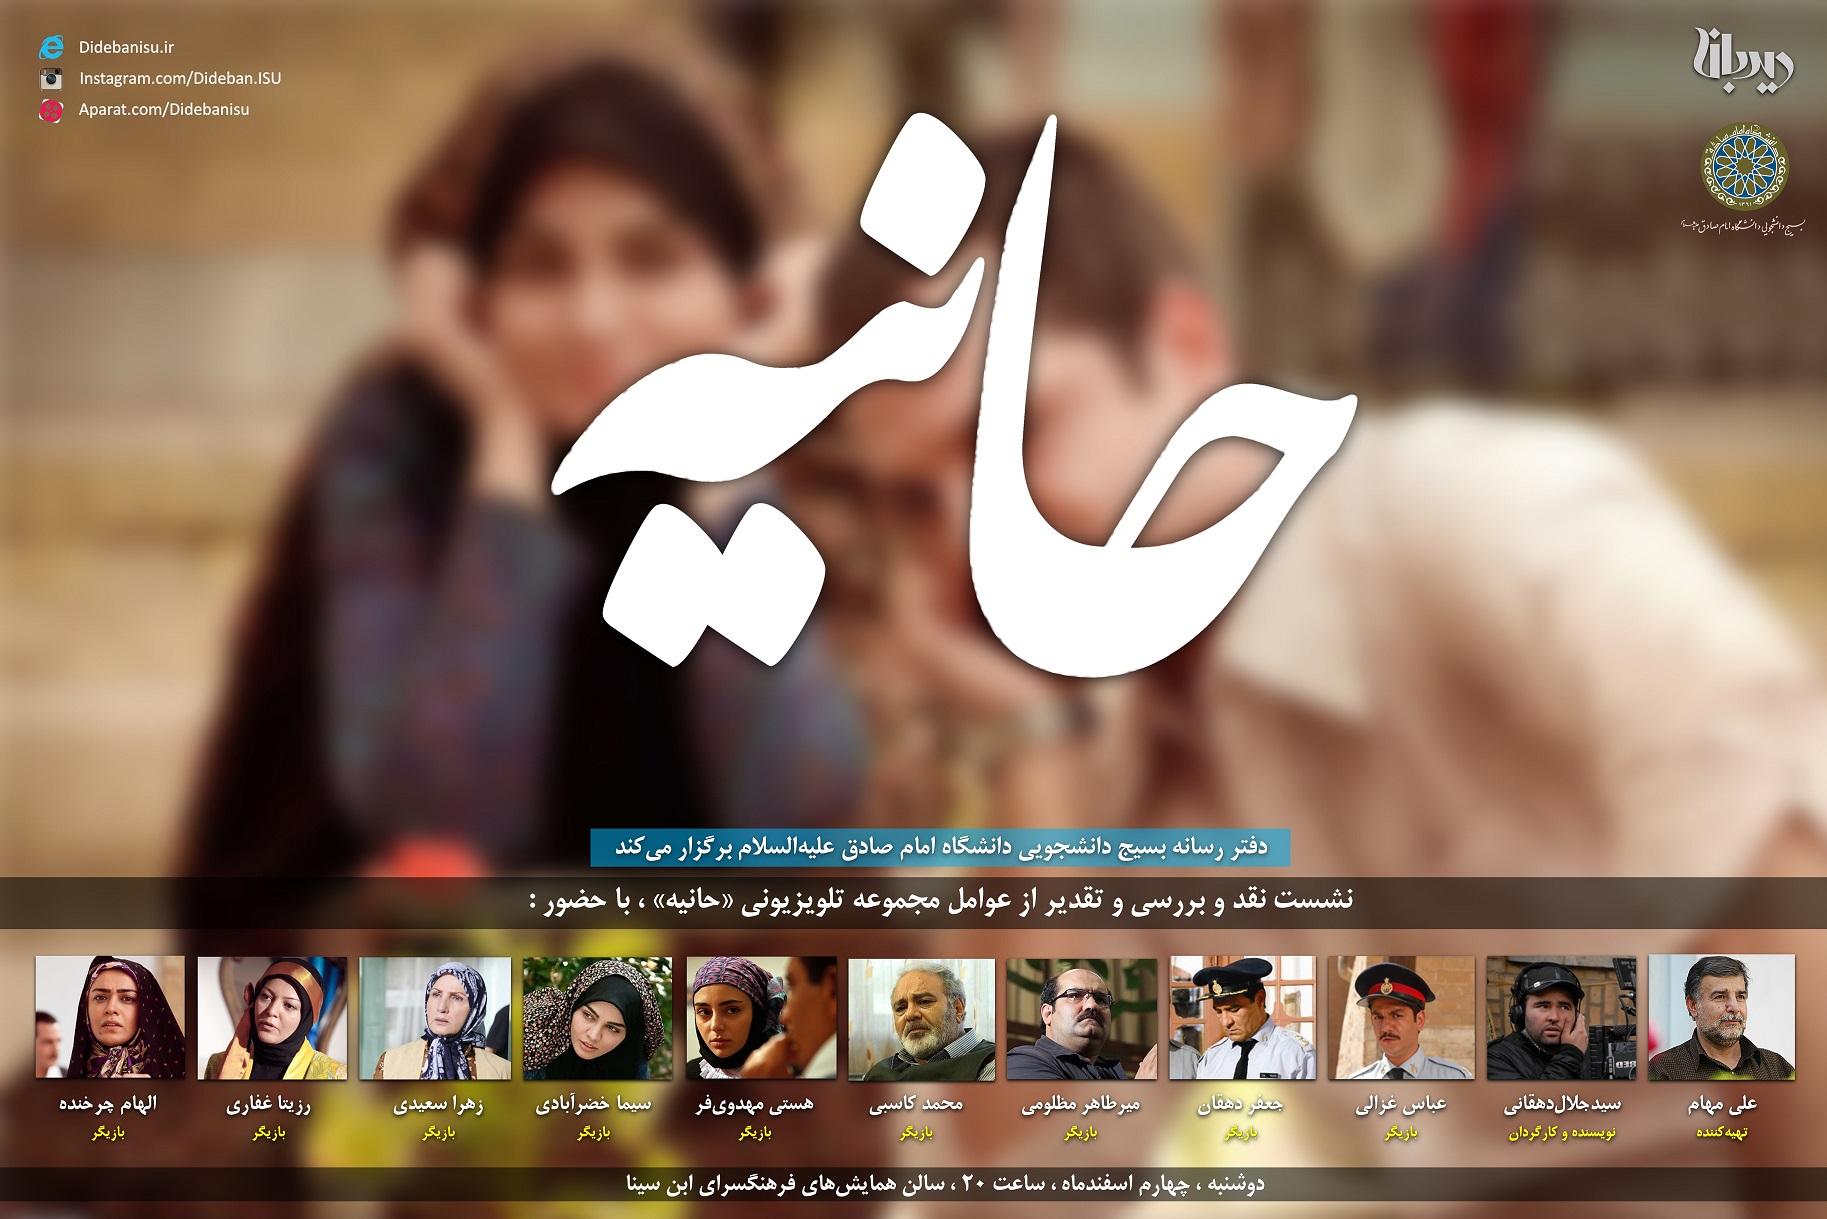 تقدیر دانشجویان دانشگاه امام صادق(ع) از عوامل سریال حانیه + تصاویر